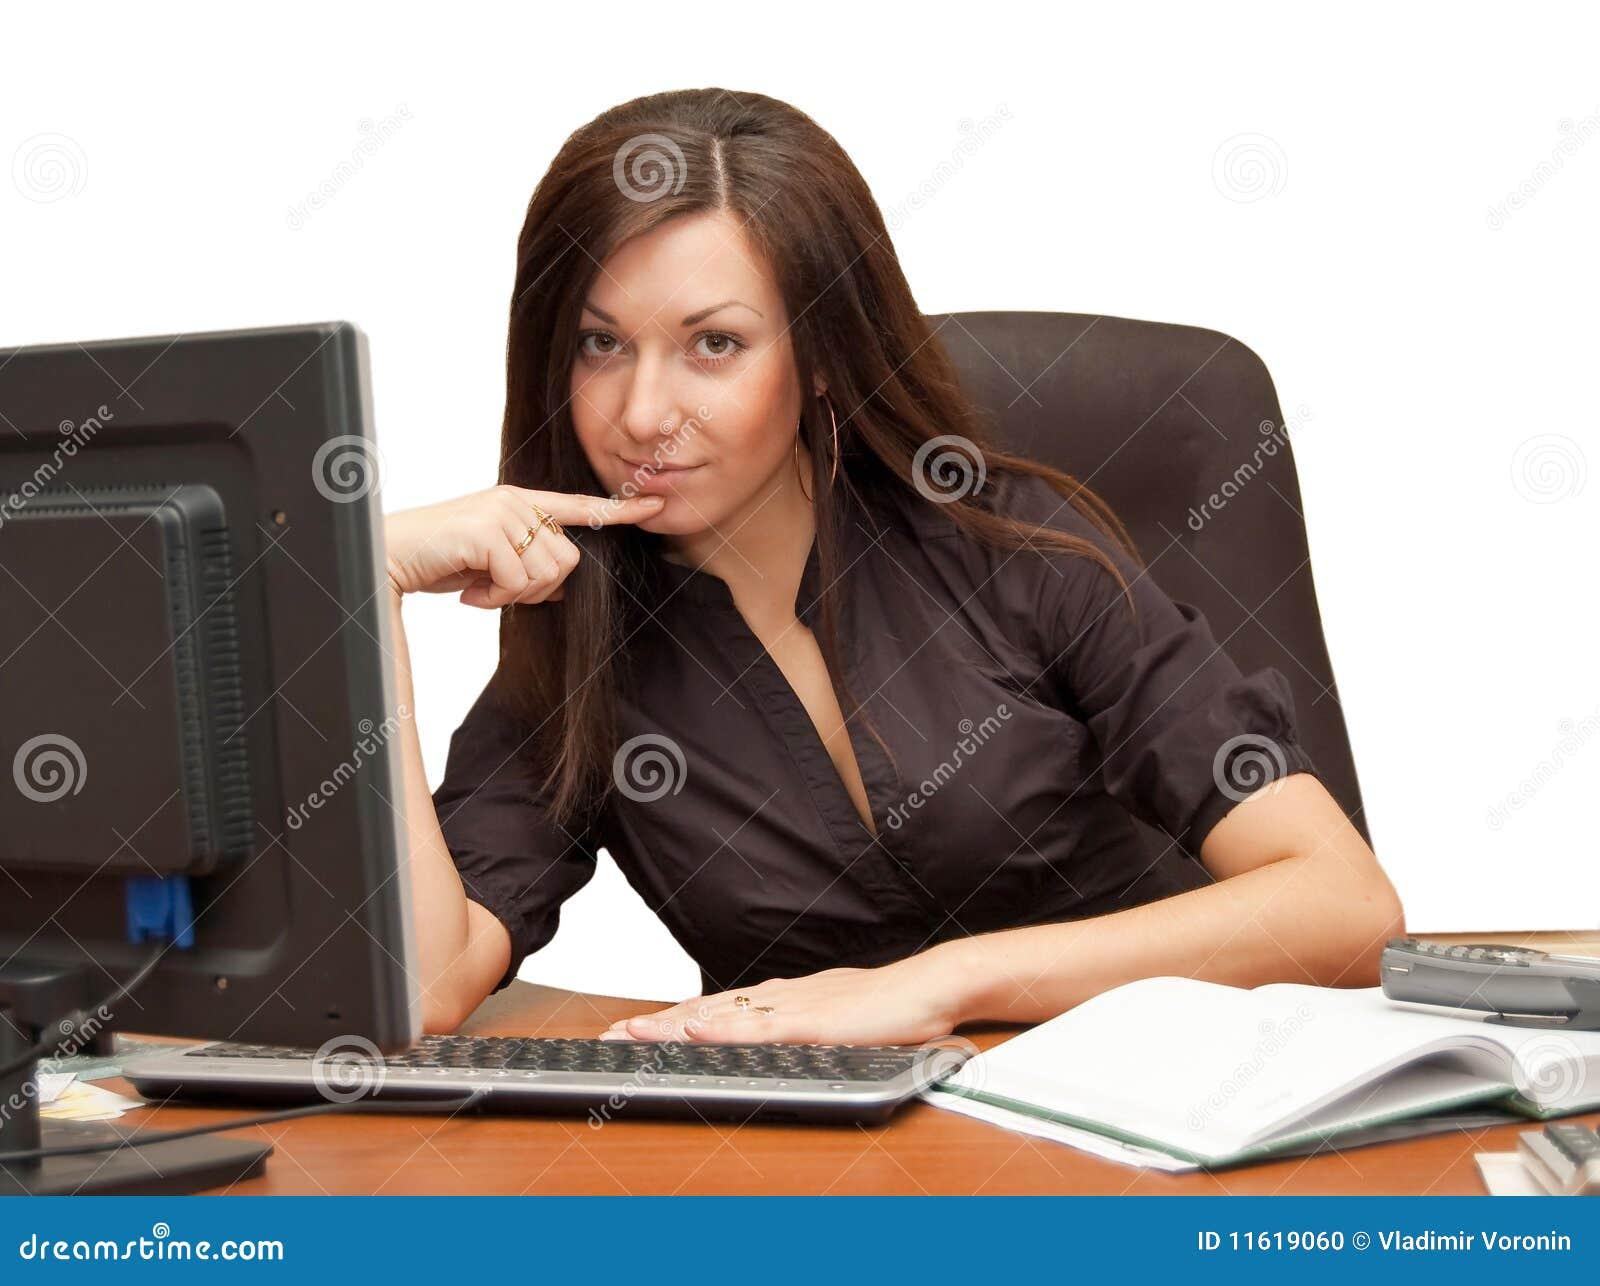 Фото девок в офисе 10 фотография